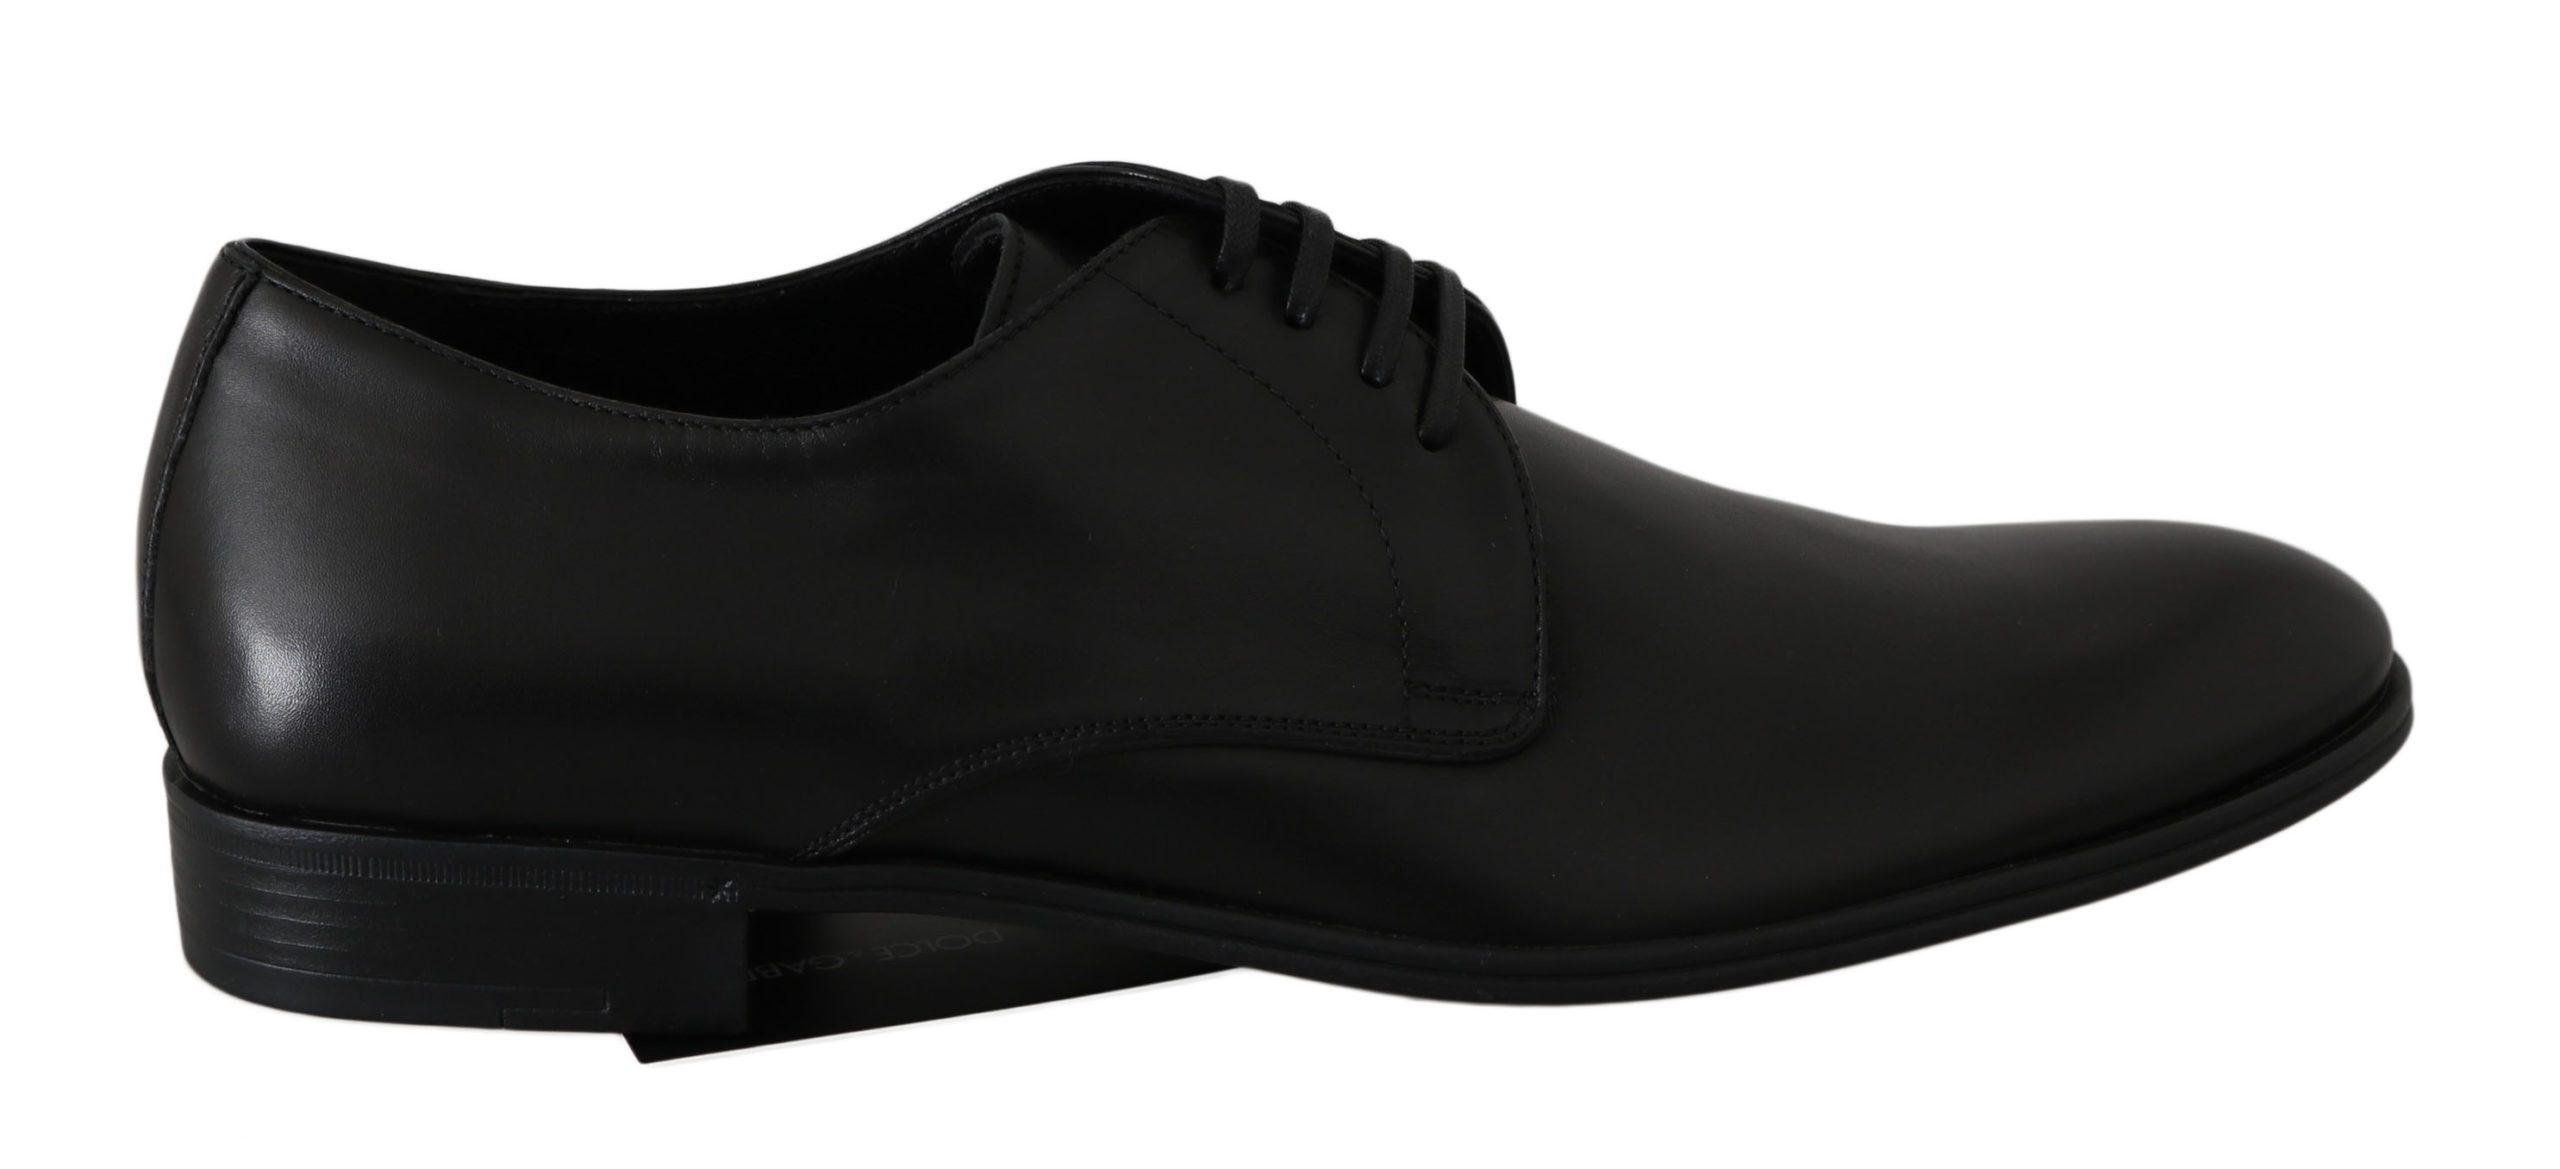 Dolce & Gabbana Men's Shoes Black MV2487 - EU40.5/US10